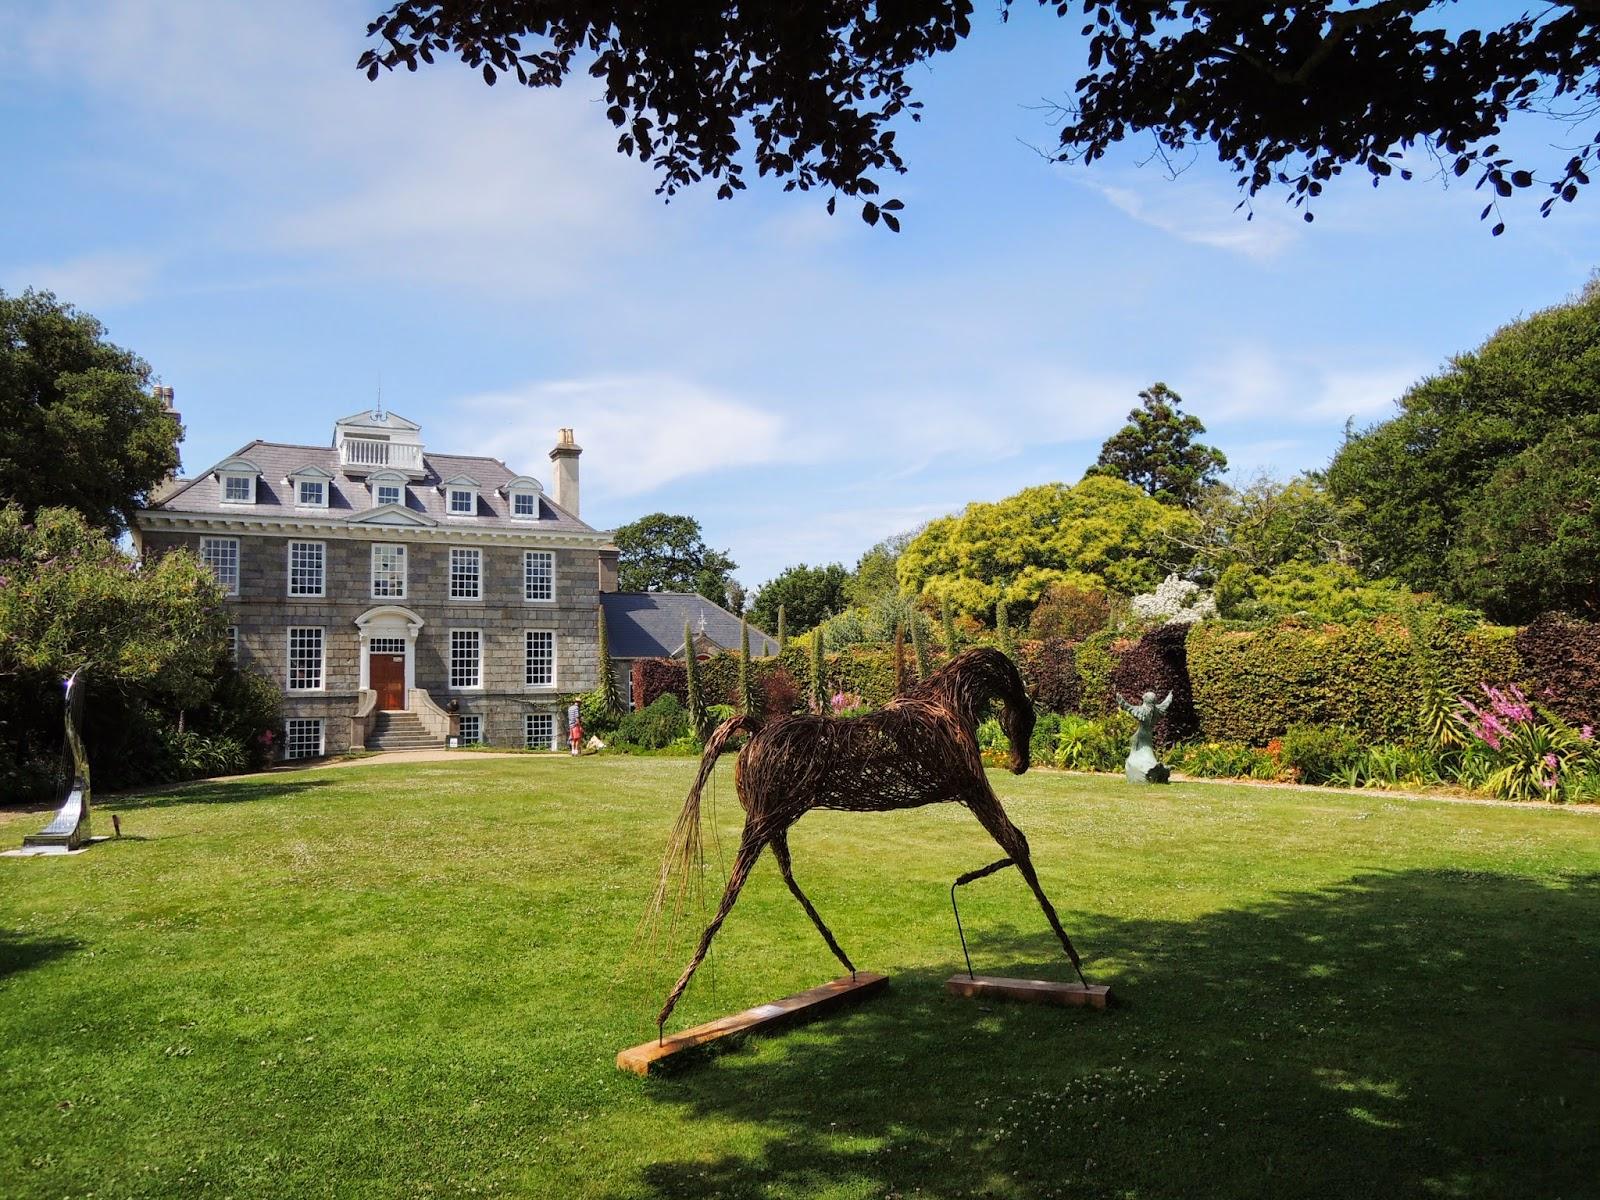 Sausmarez Manor, Guernsey Island